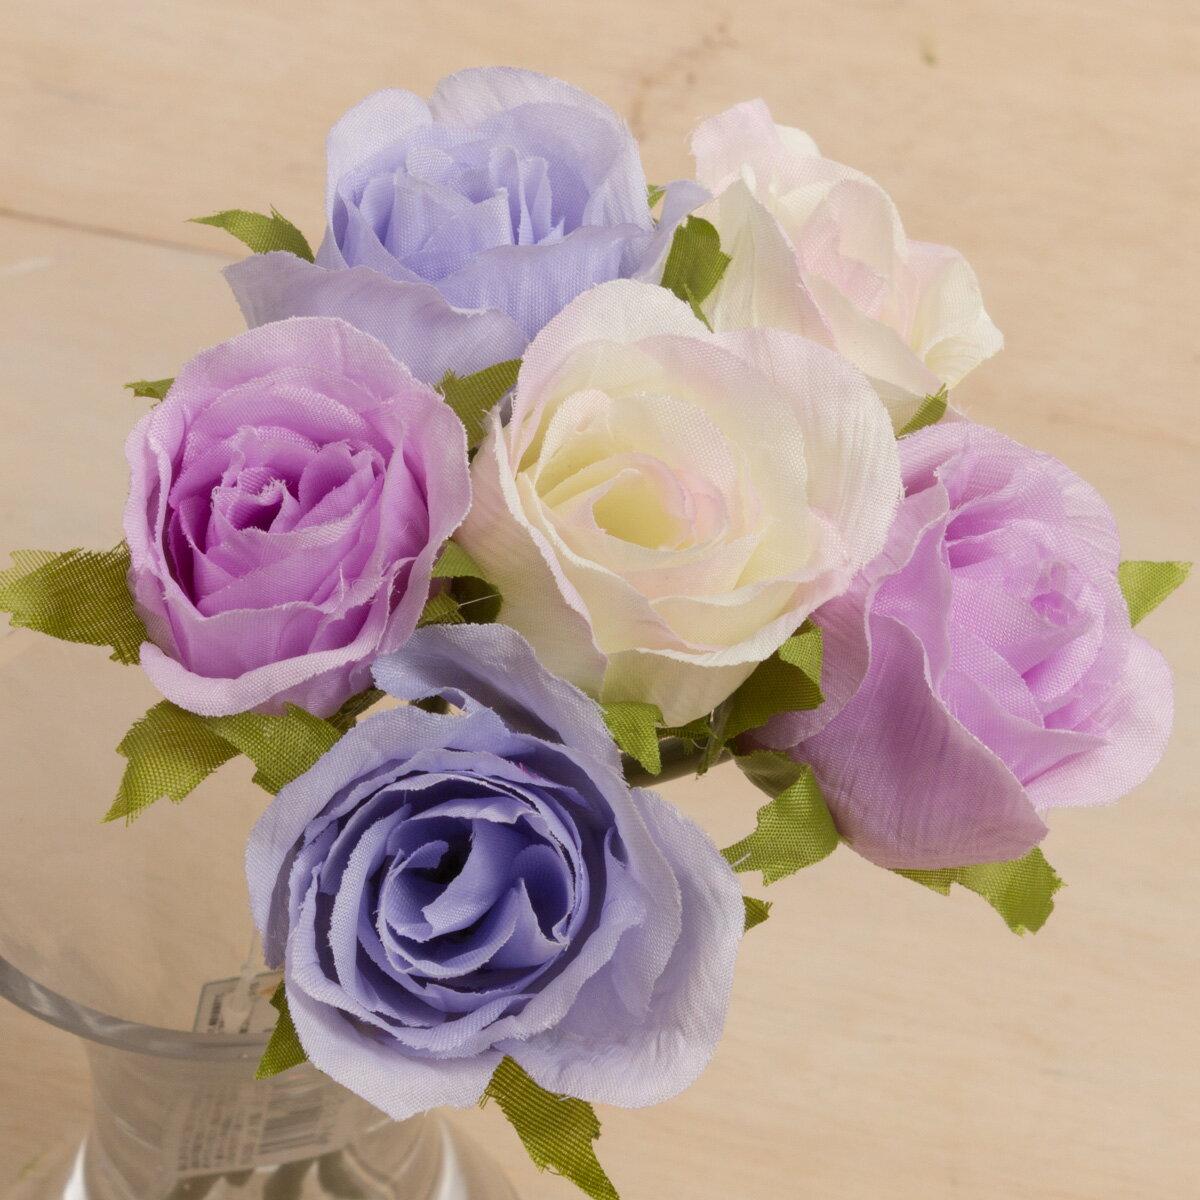 即日 【造花】YDM/ローズバンチ ラベンダーピンク/FB2305-LAP